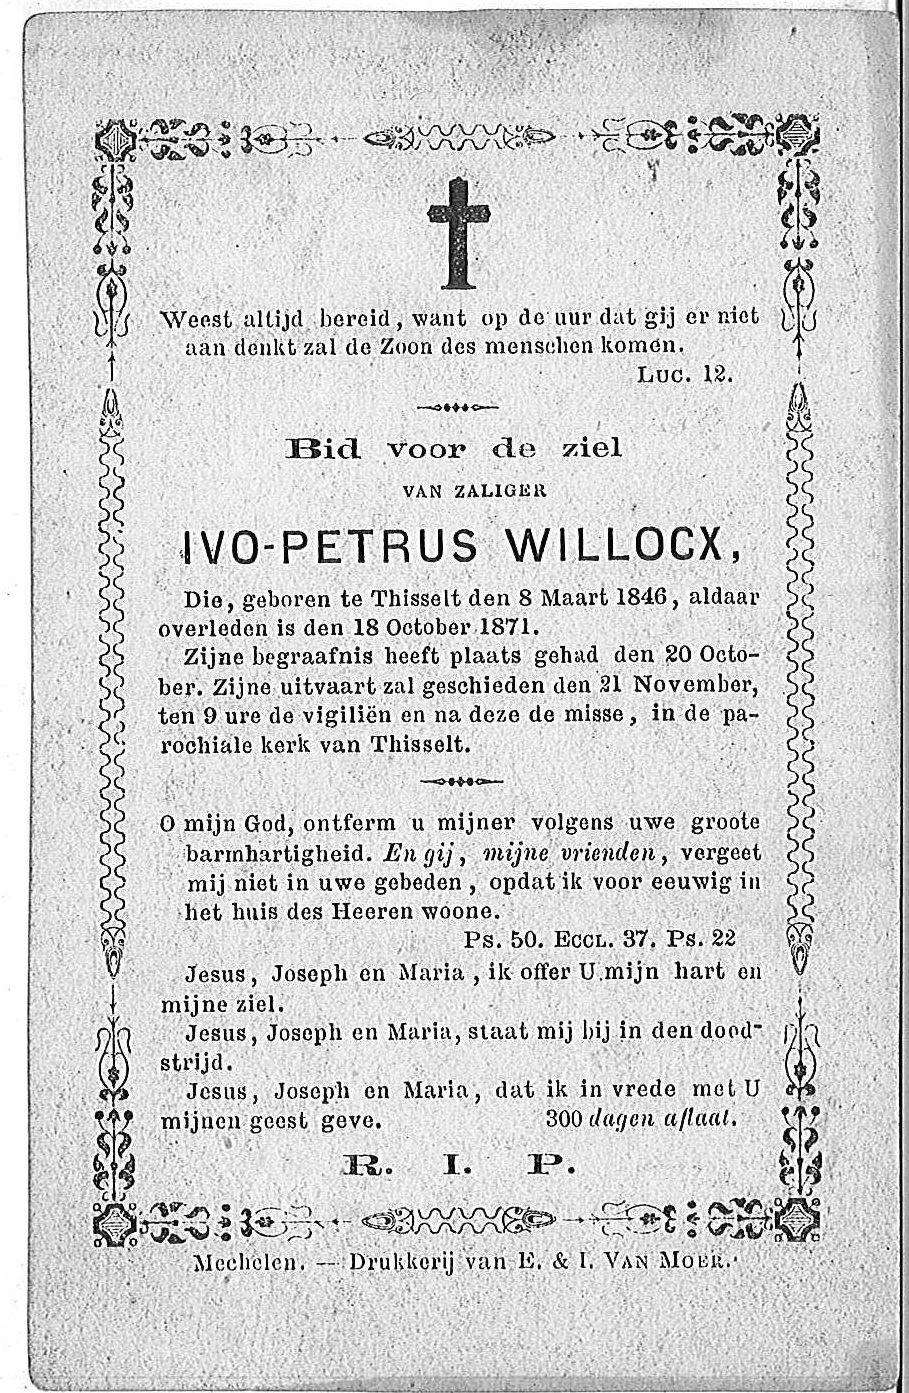 Ivo-Petrus Willockx